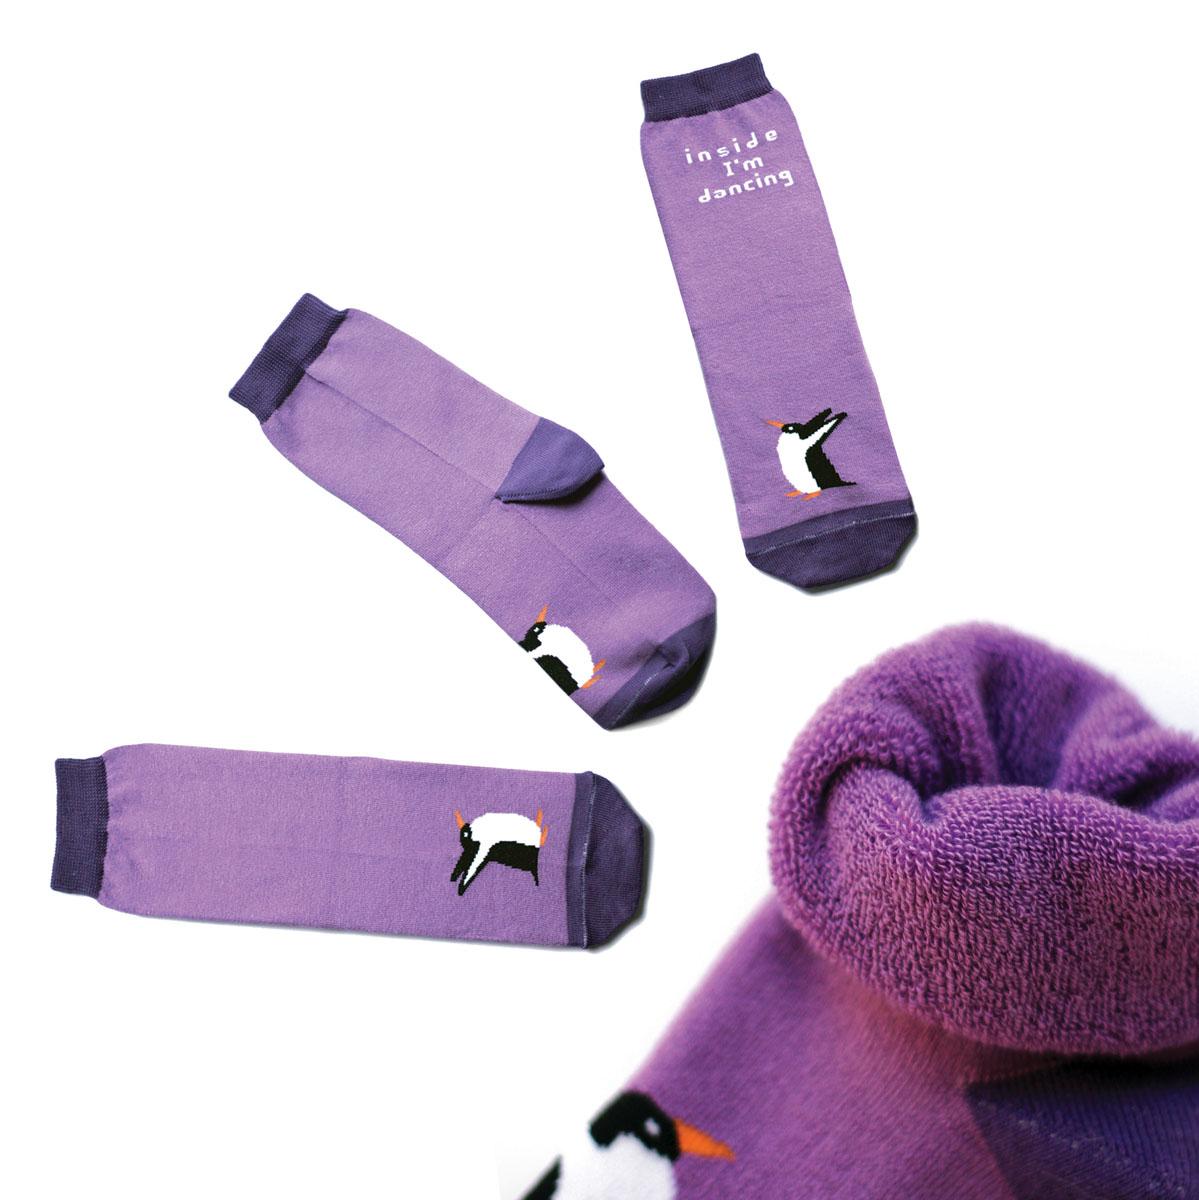 Носкиca1723Яркие женские носки Big Bang Socks изготовлены из высококачественного хлопка с добавлением полиамидных и эластановых волокон, которые обеспечивают великолепную посадку. Носки отличаются ярким стильным дизайном. Они оформлены изображением пингвина и надписью на английском языке. Удобная резинка идеально облегает ногу и не пережимает сосуды, усиленные пятка и мысок повышают износоустойчивость носка, а удлиненный паголенок придает более эстетичный вид. Дизайнерские носки Big Bang Socks - яркая деталь в вашем образе и оригинальный подарок для друзей и близких.